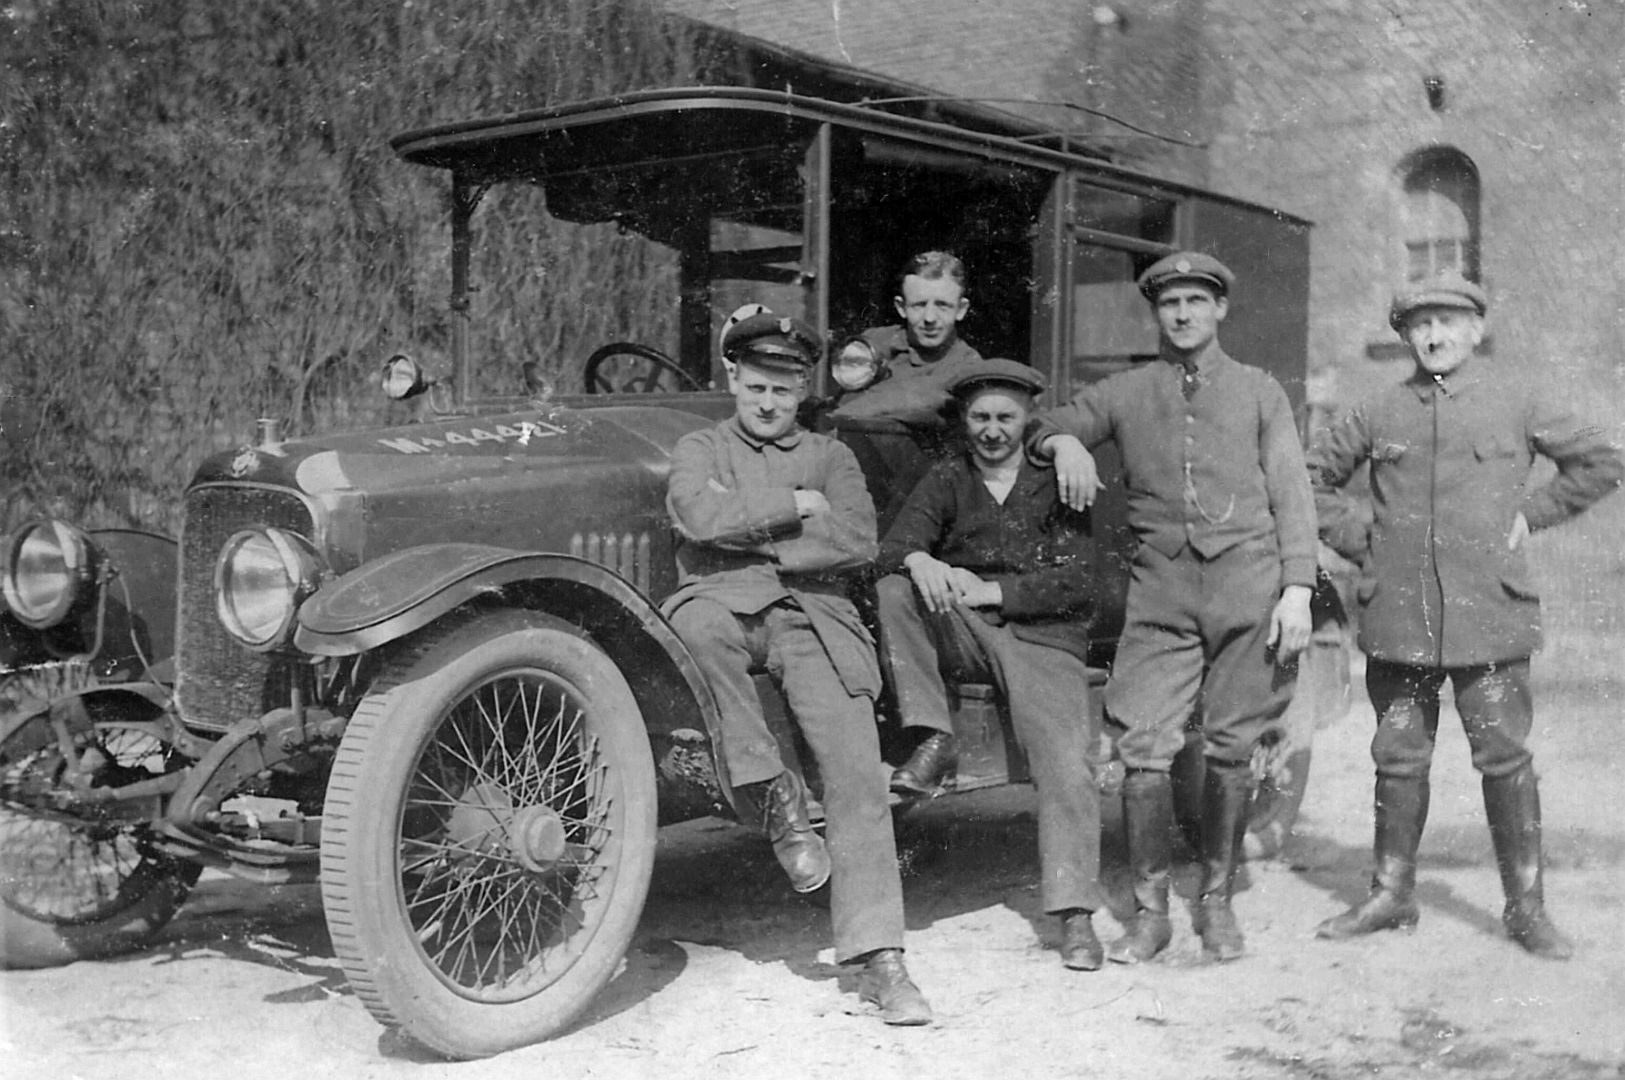 Vauxhall_D_type_staff_car_Wk1_Peter_Pochert_Galerie